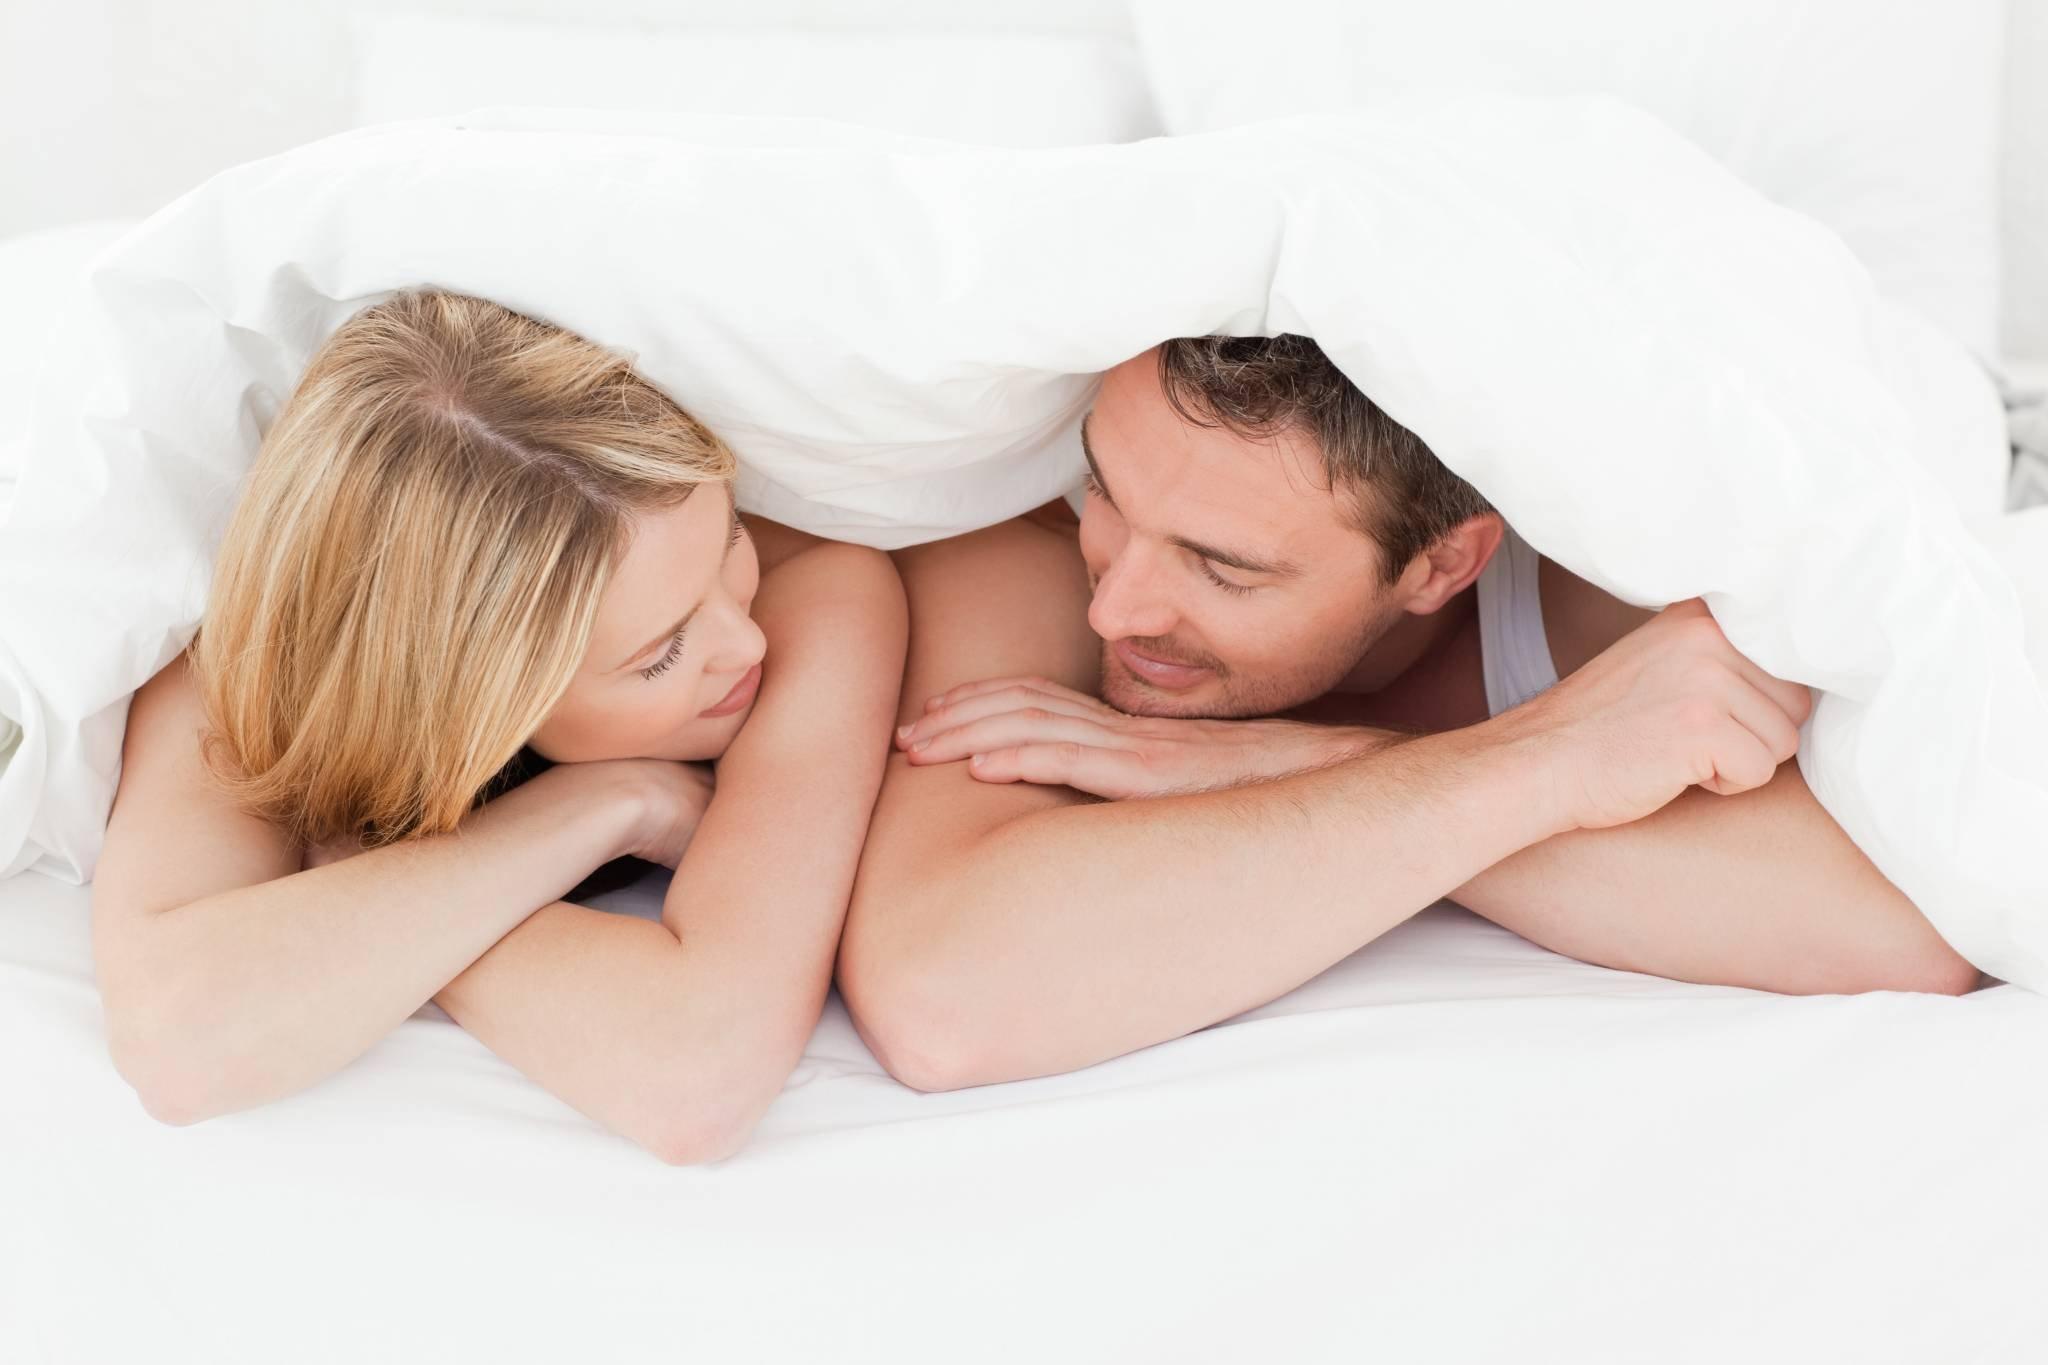 Что нельзя делать в сексе: ТОП-5 запретных тем